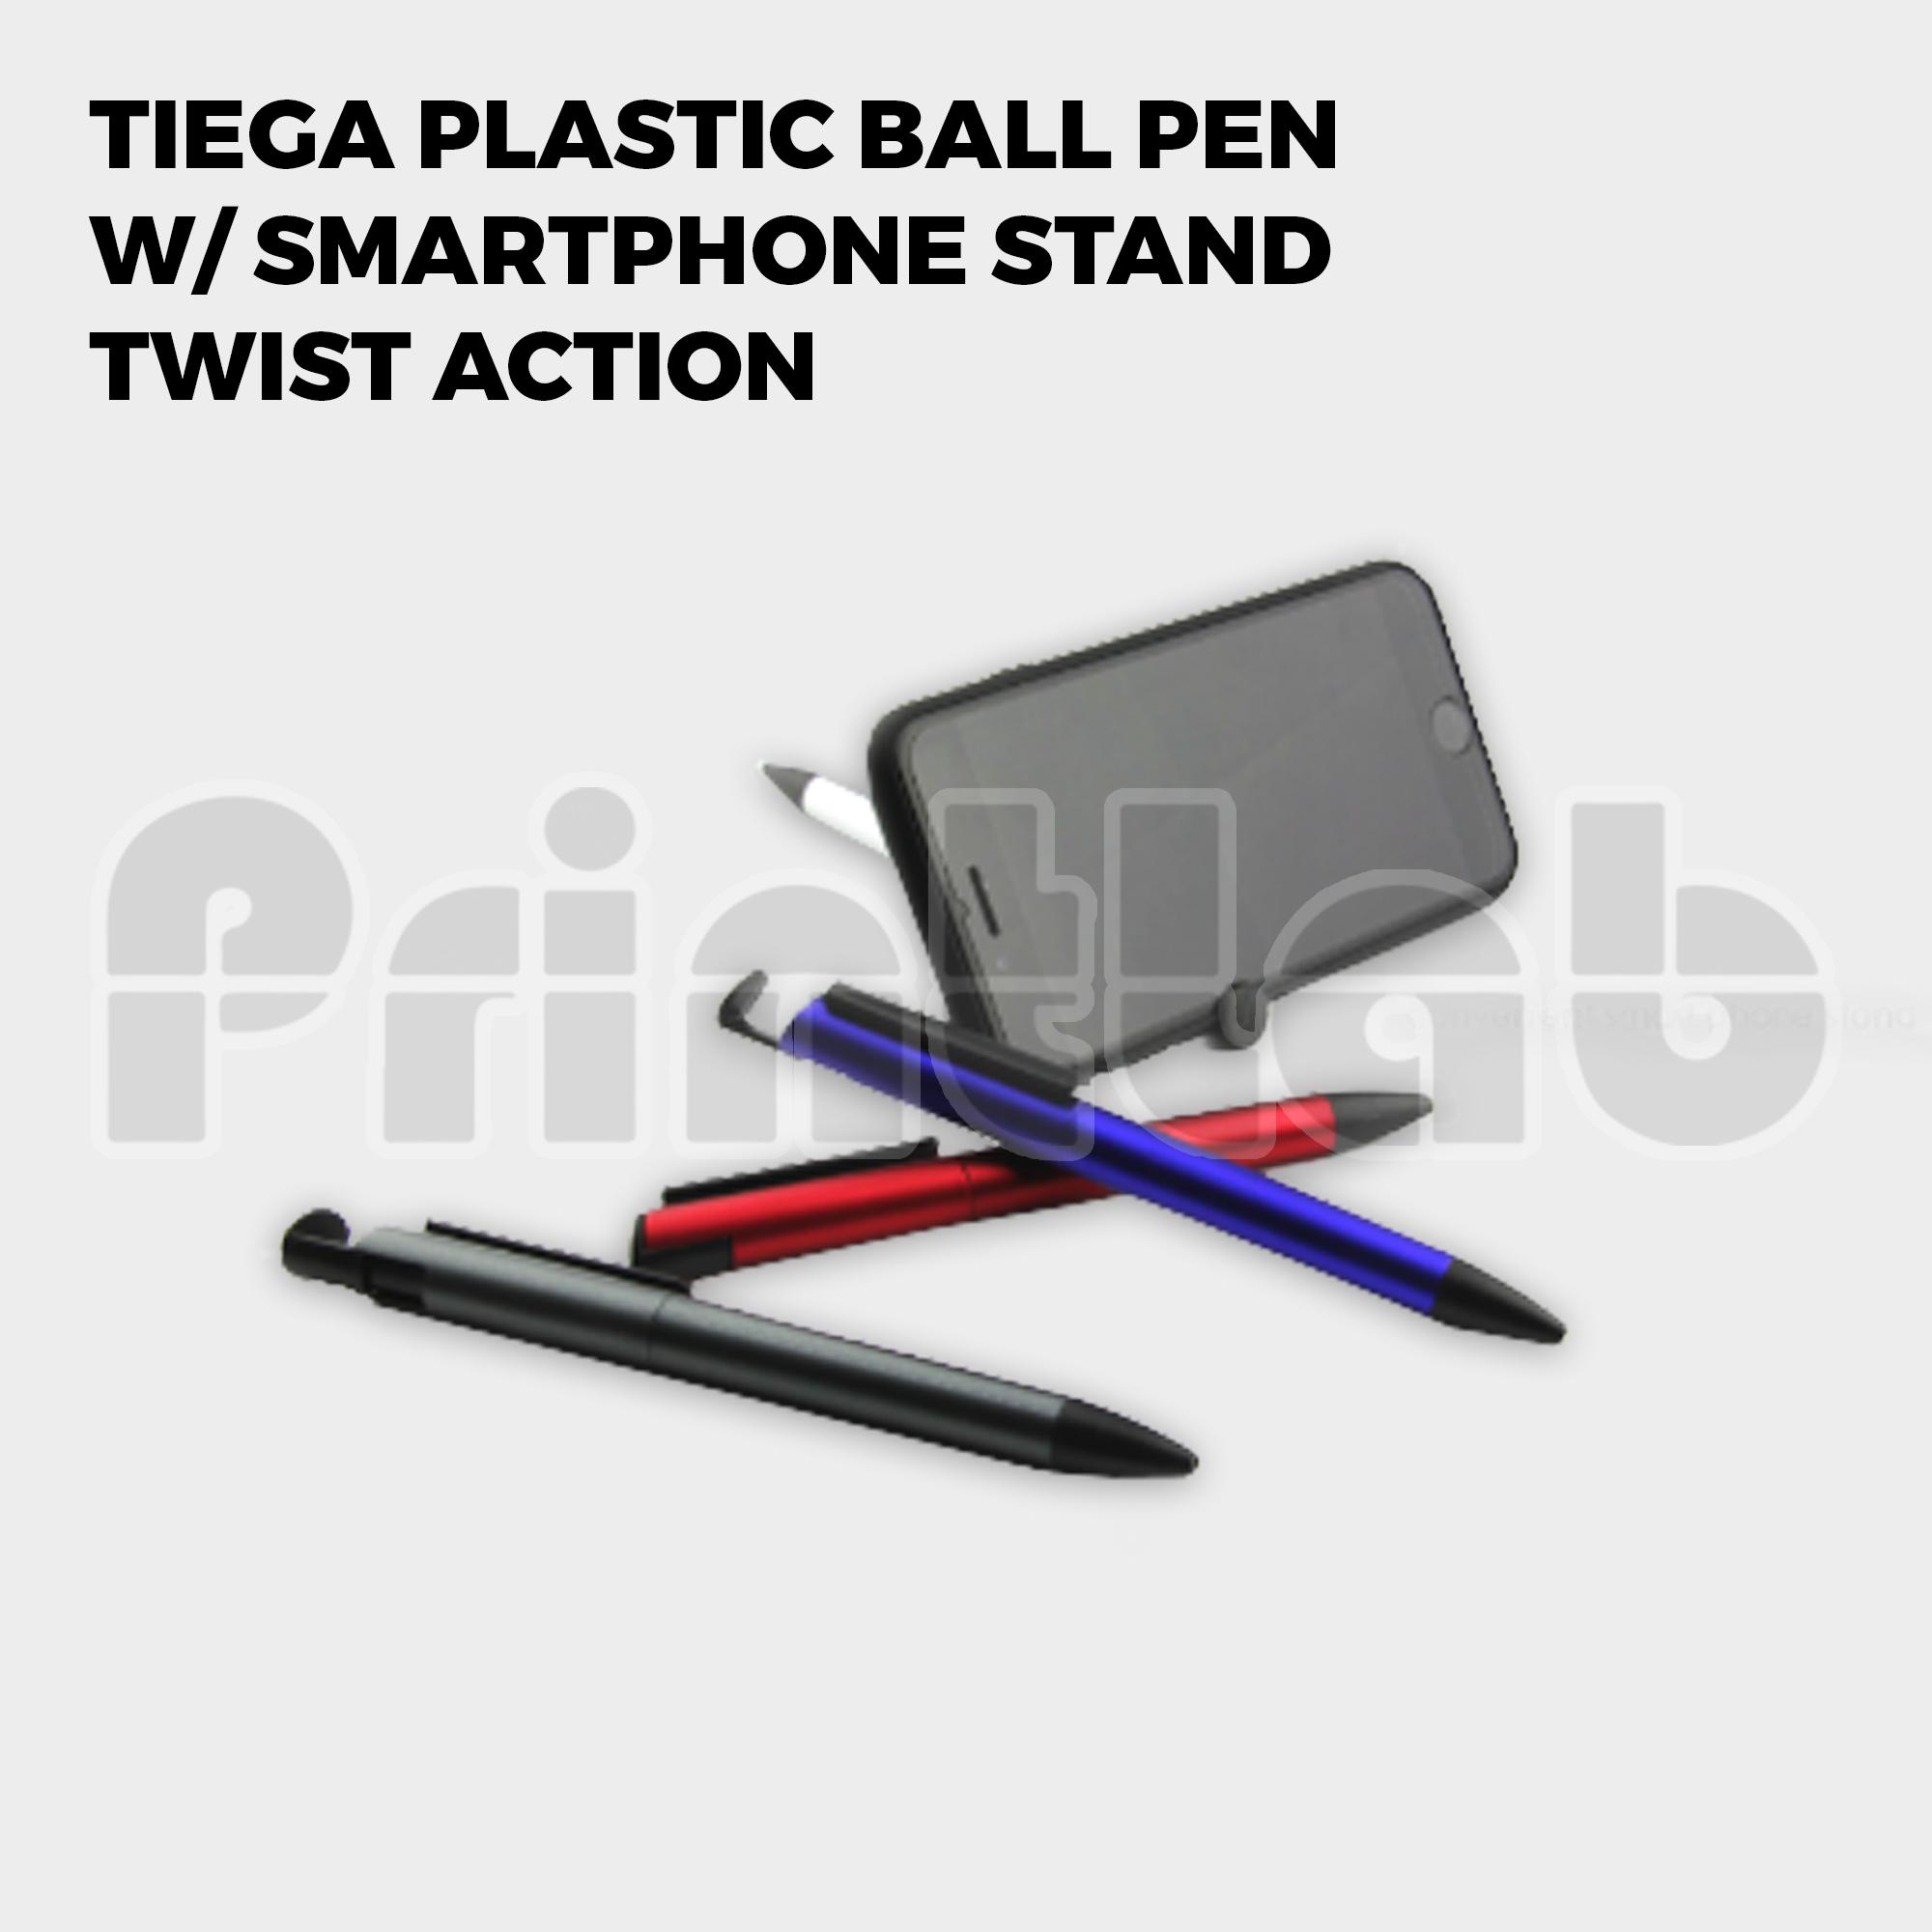 Tiega Plastic Ball Pen w/ Smartphone Stand